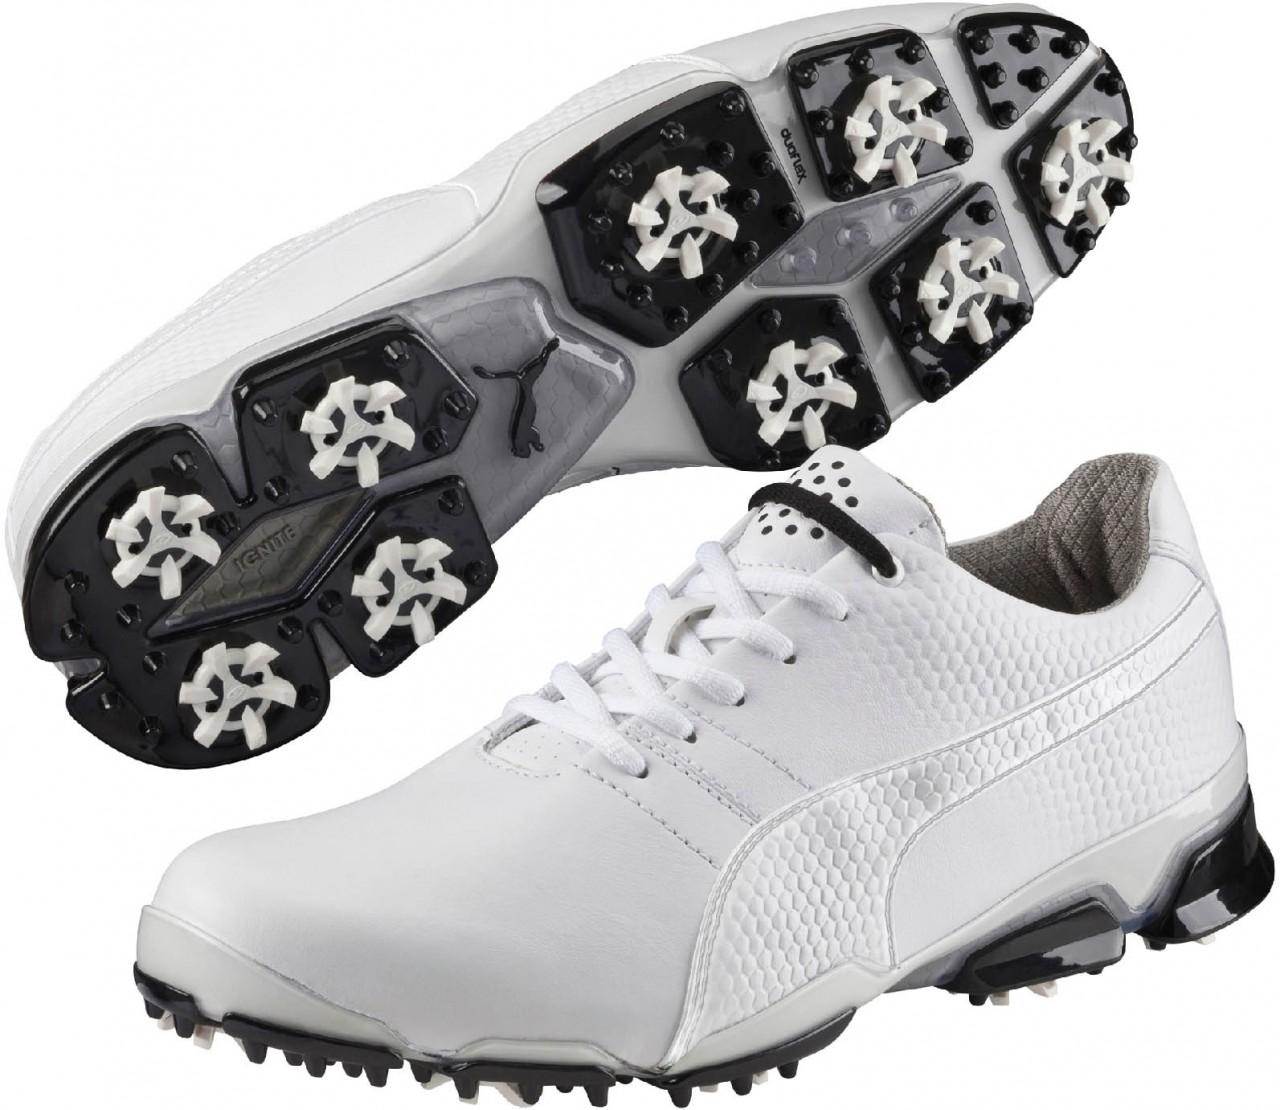 Puma Titantour Ignite, White/White/Black